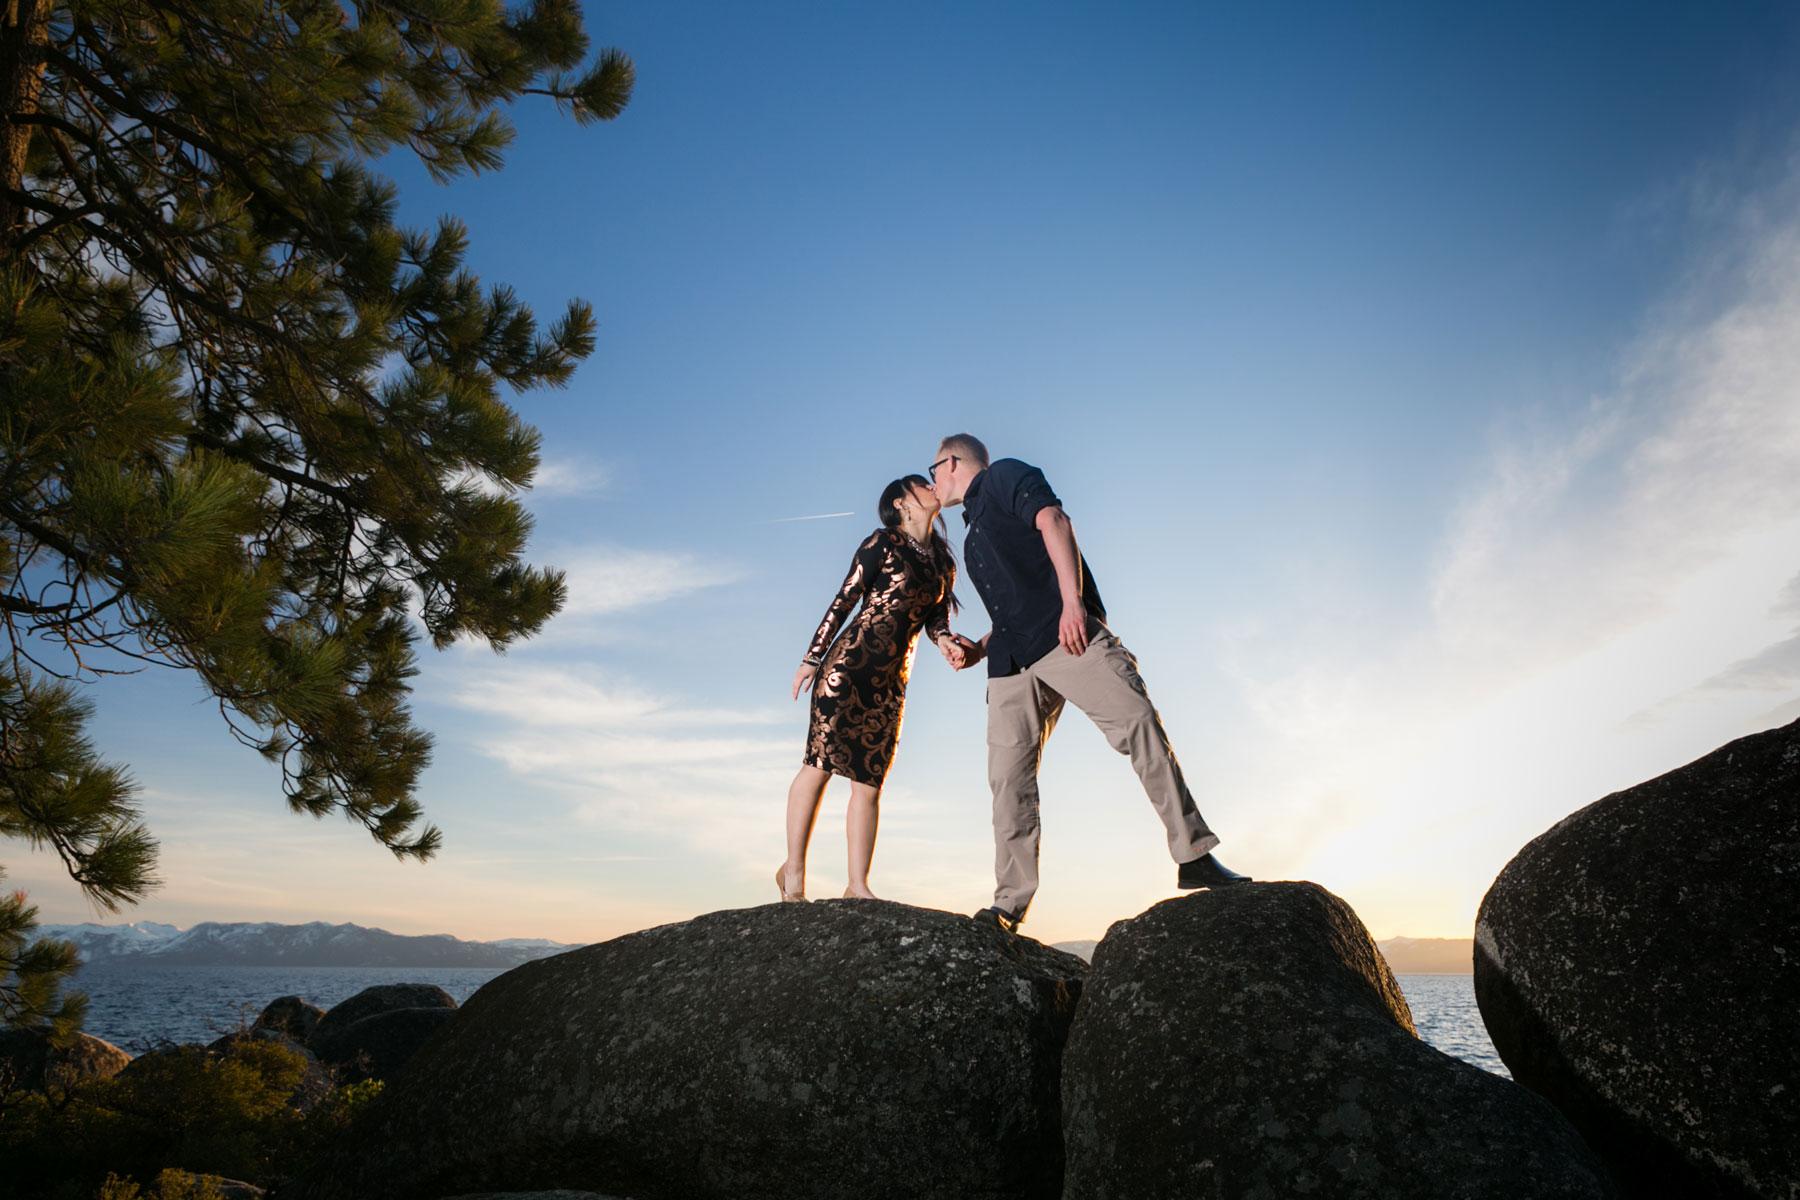 tahoe-love-engagement-25-weddings